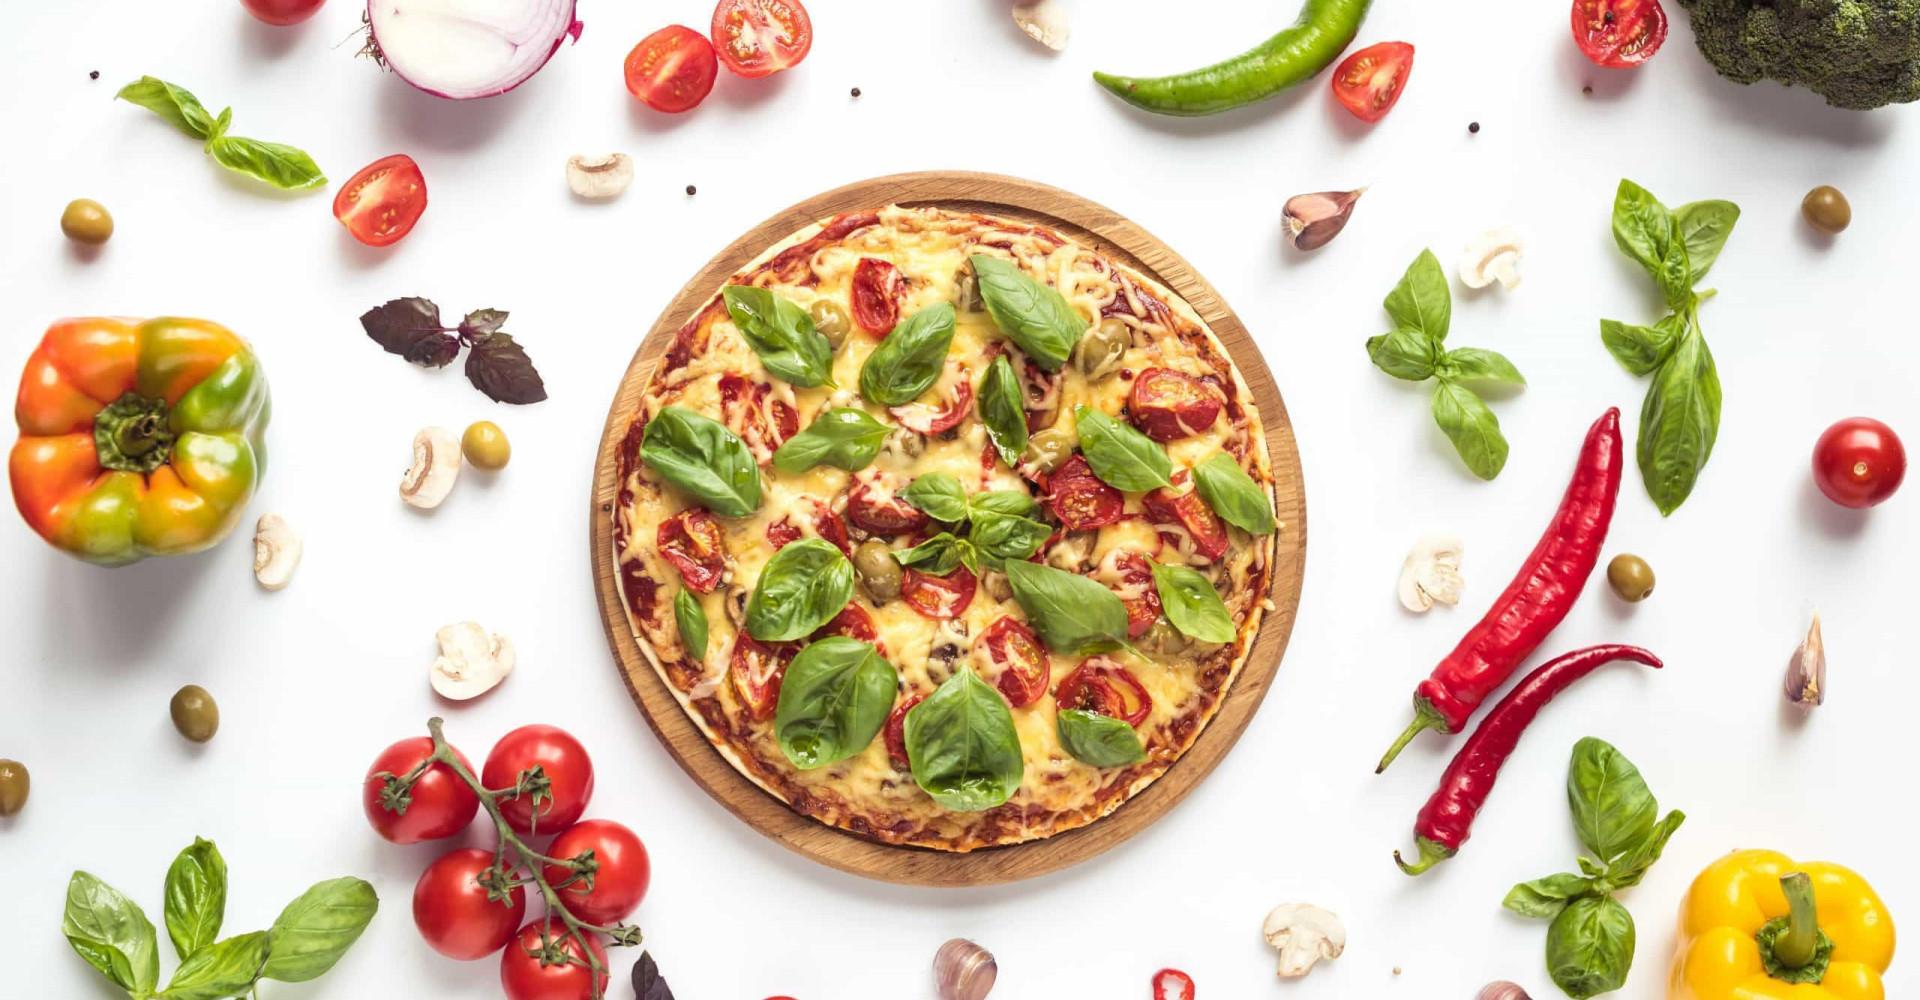 Zo maak je zelf een gezonde pizza